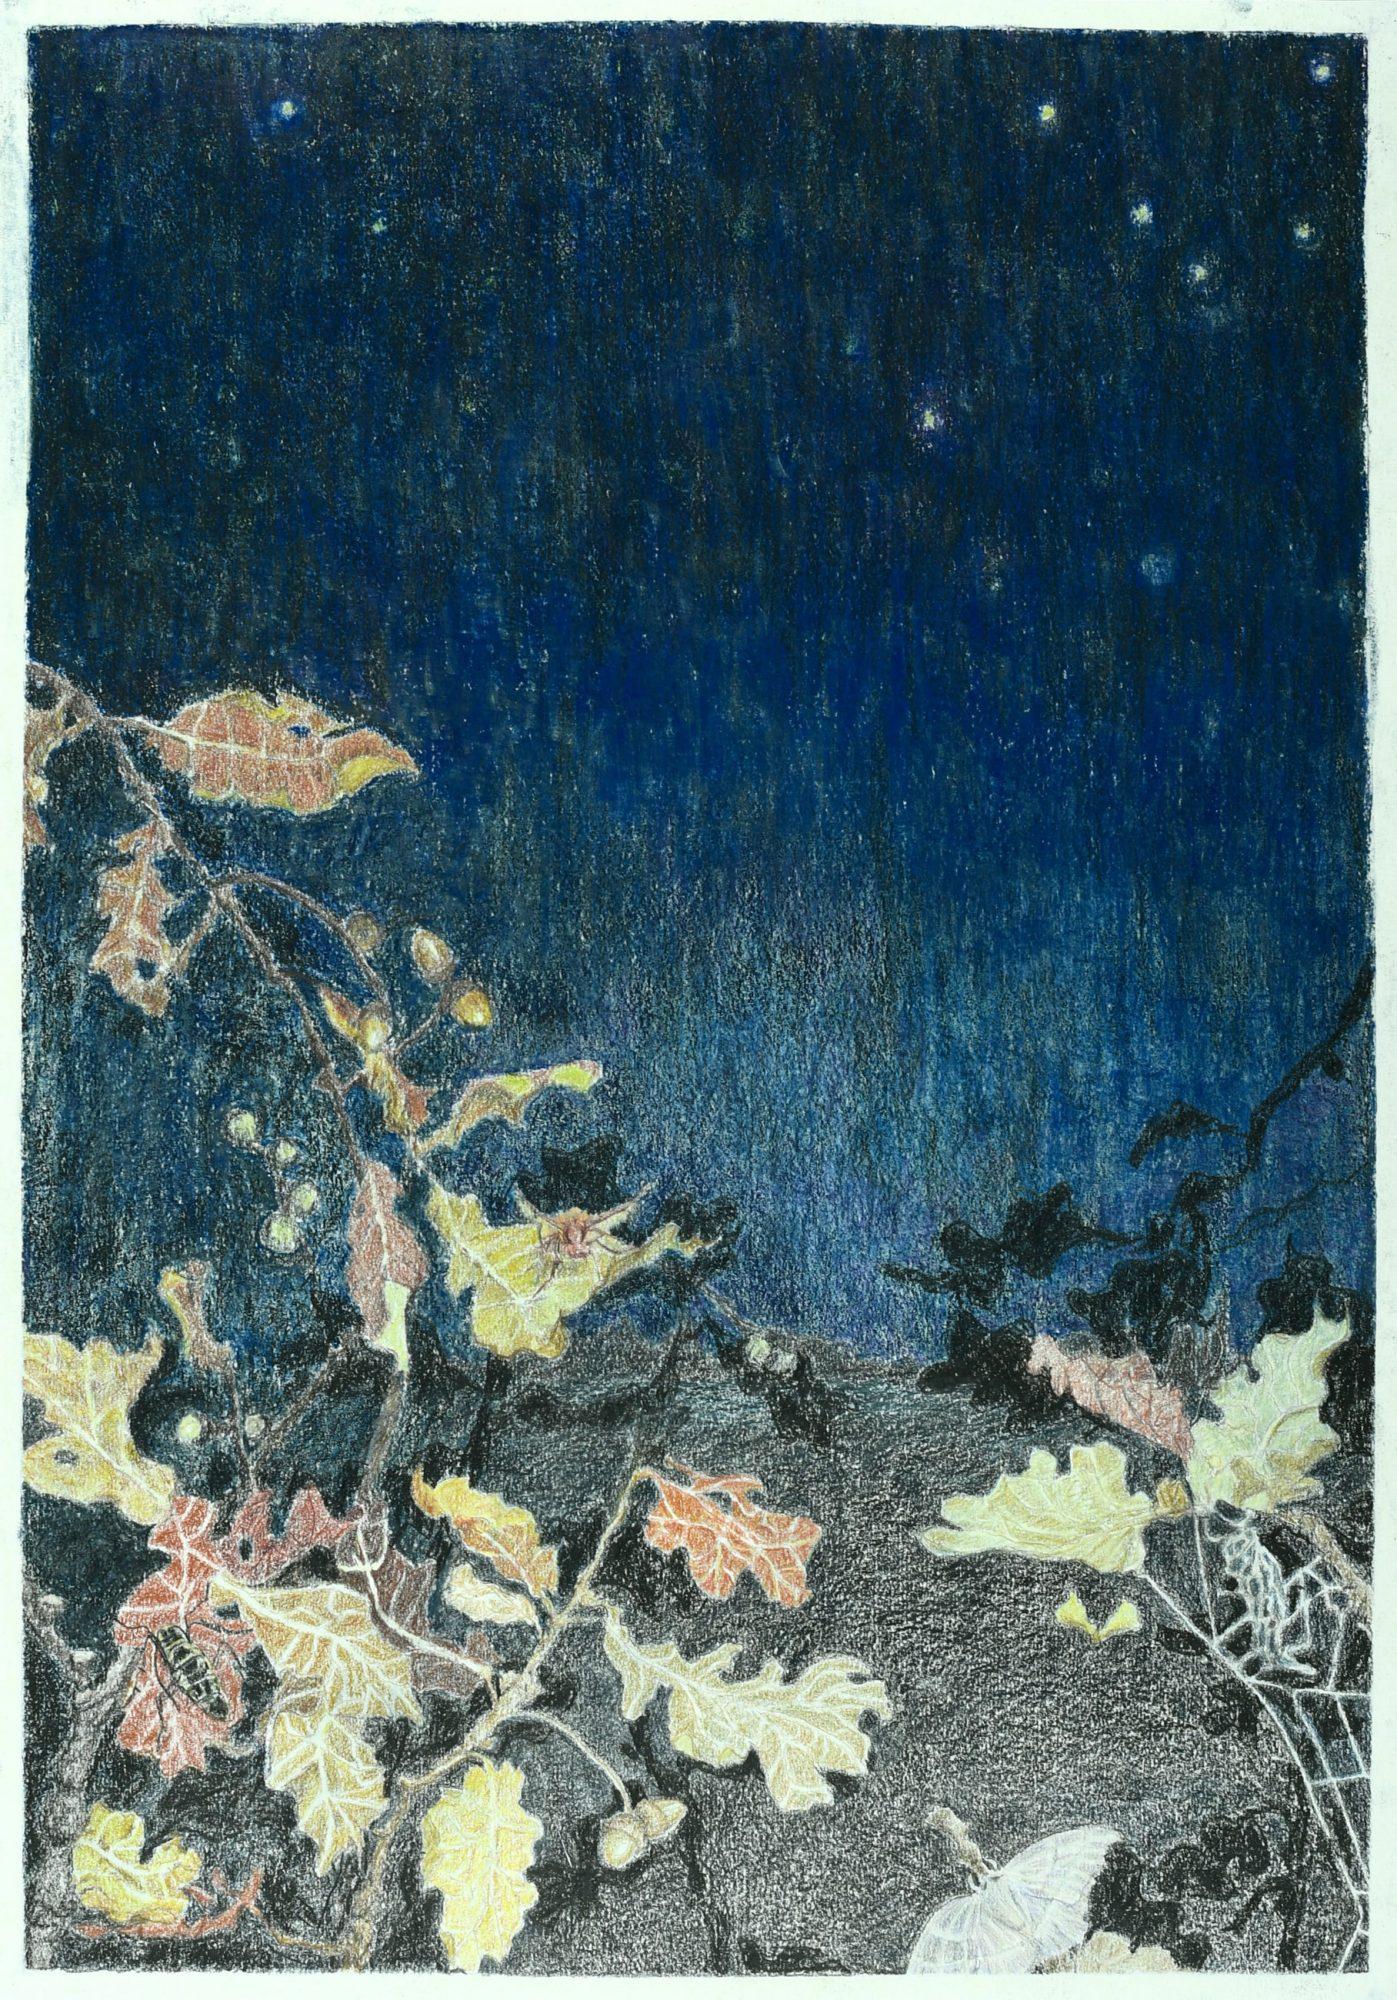 Sommerfugledalen, tegning af tolvte sonet